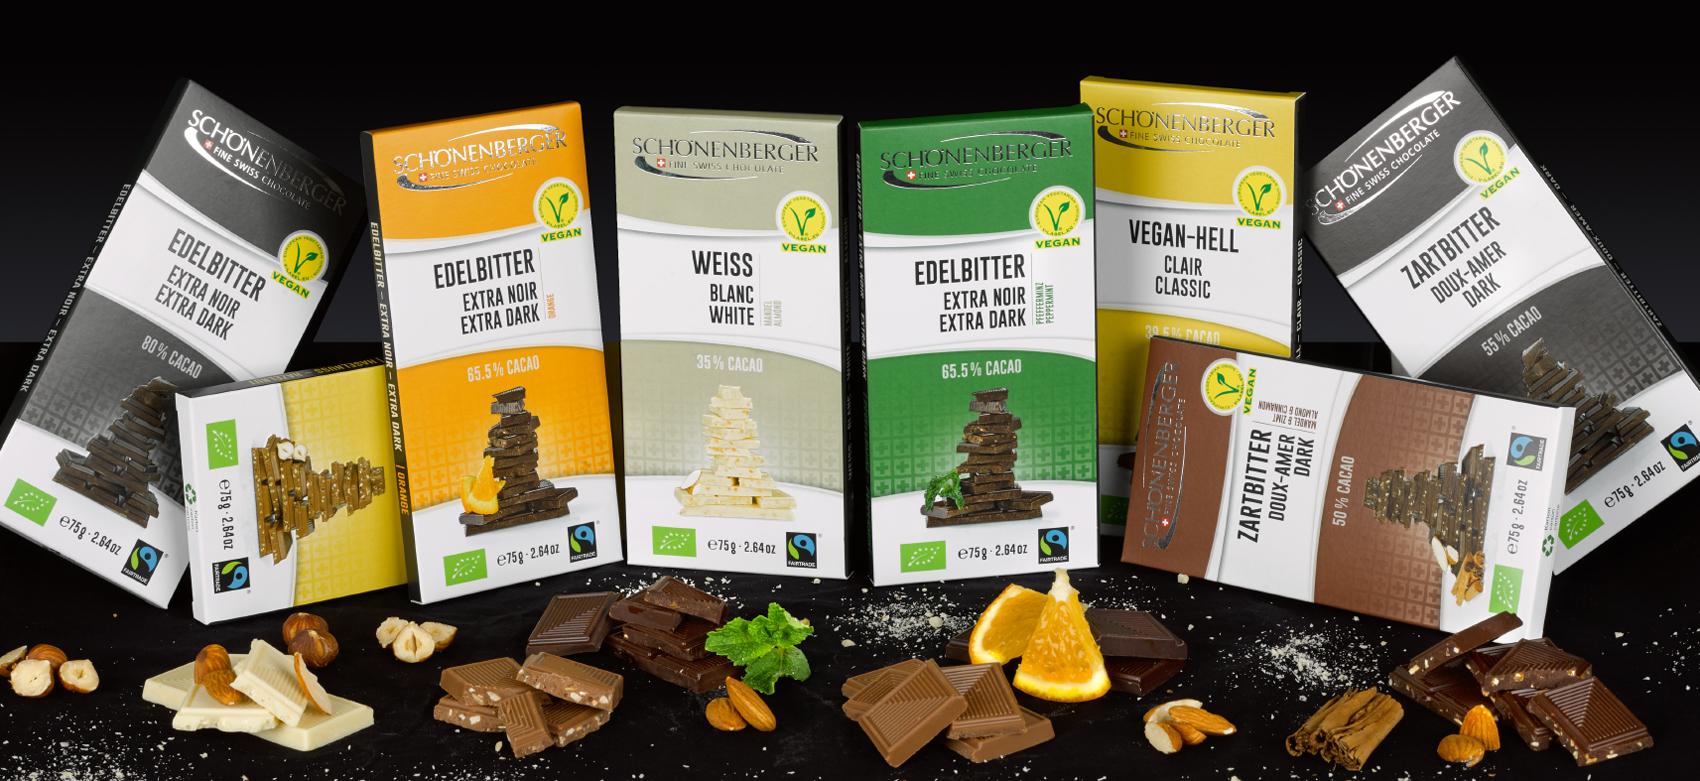 Verpackungsdesign Chocolat Schoenenberger